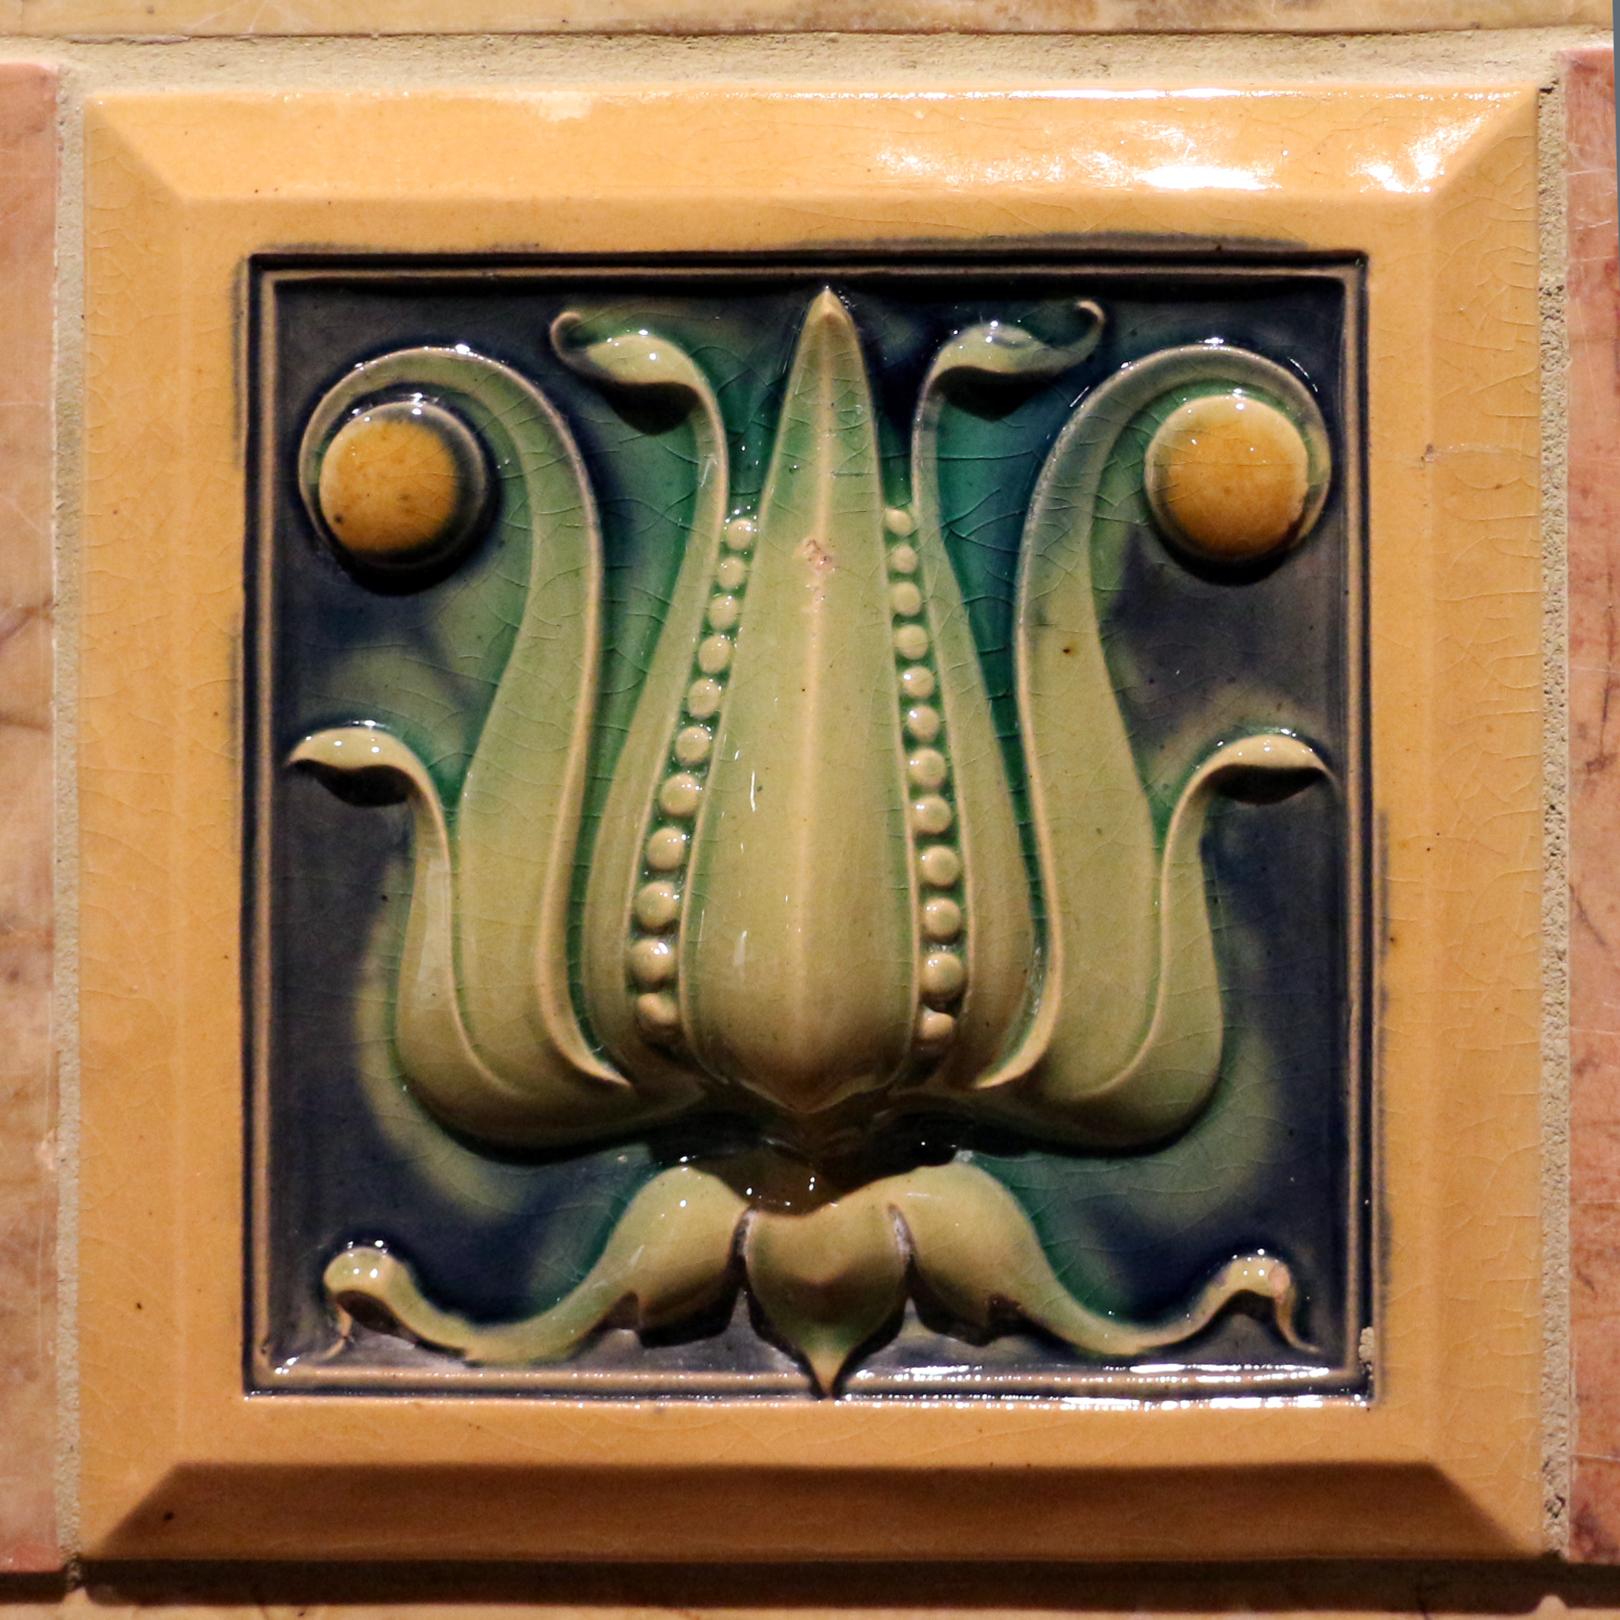 6 x 6 Persian Ceramic Art Tile in White Glaze